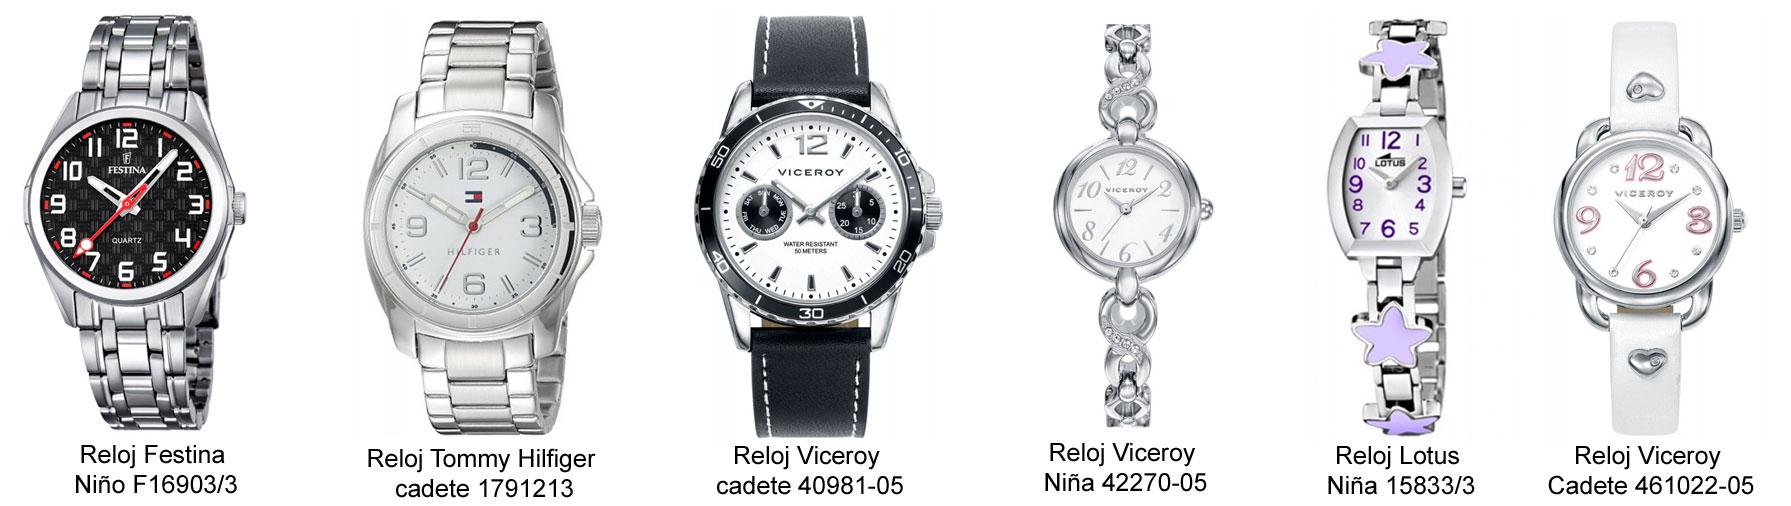 relojes-niños-elegantes